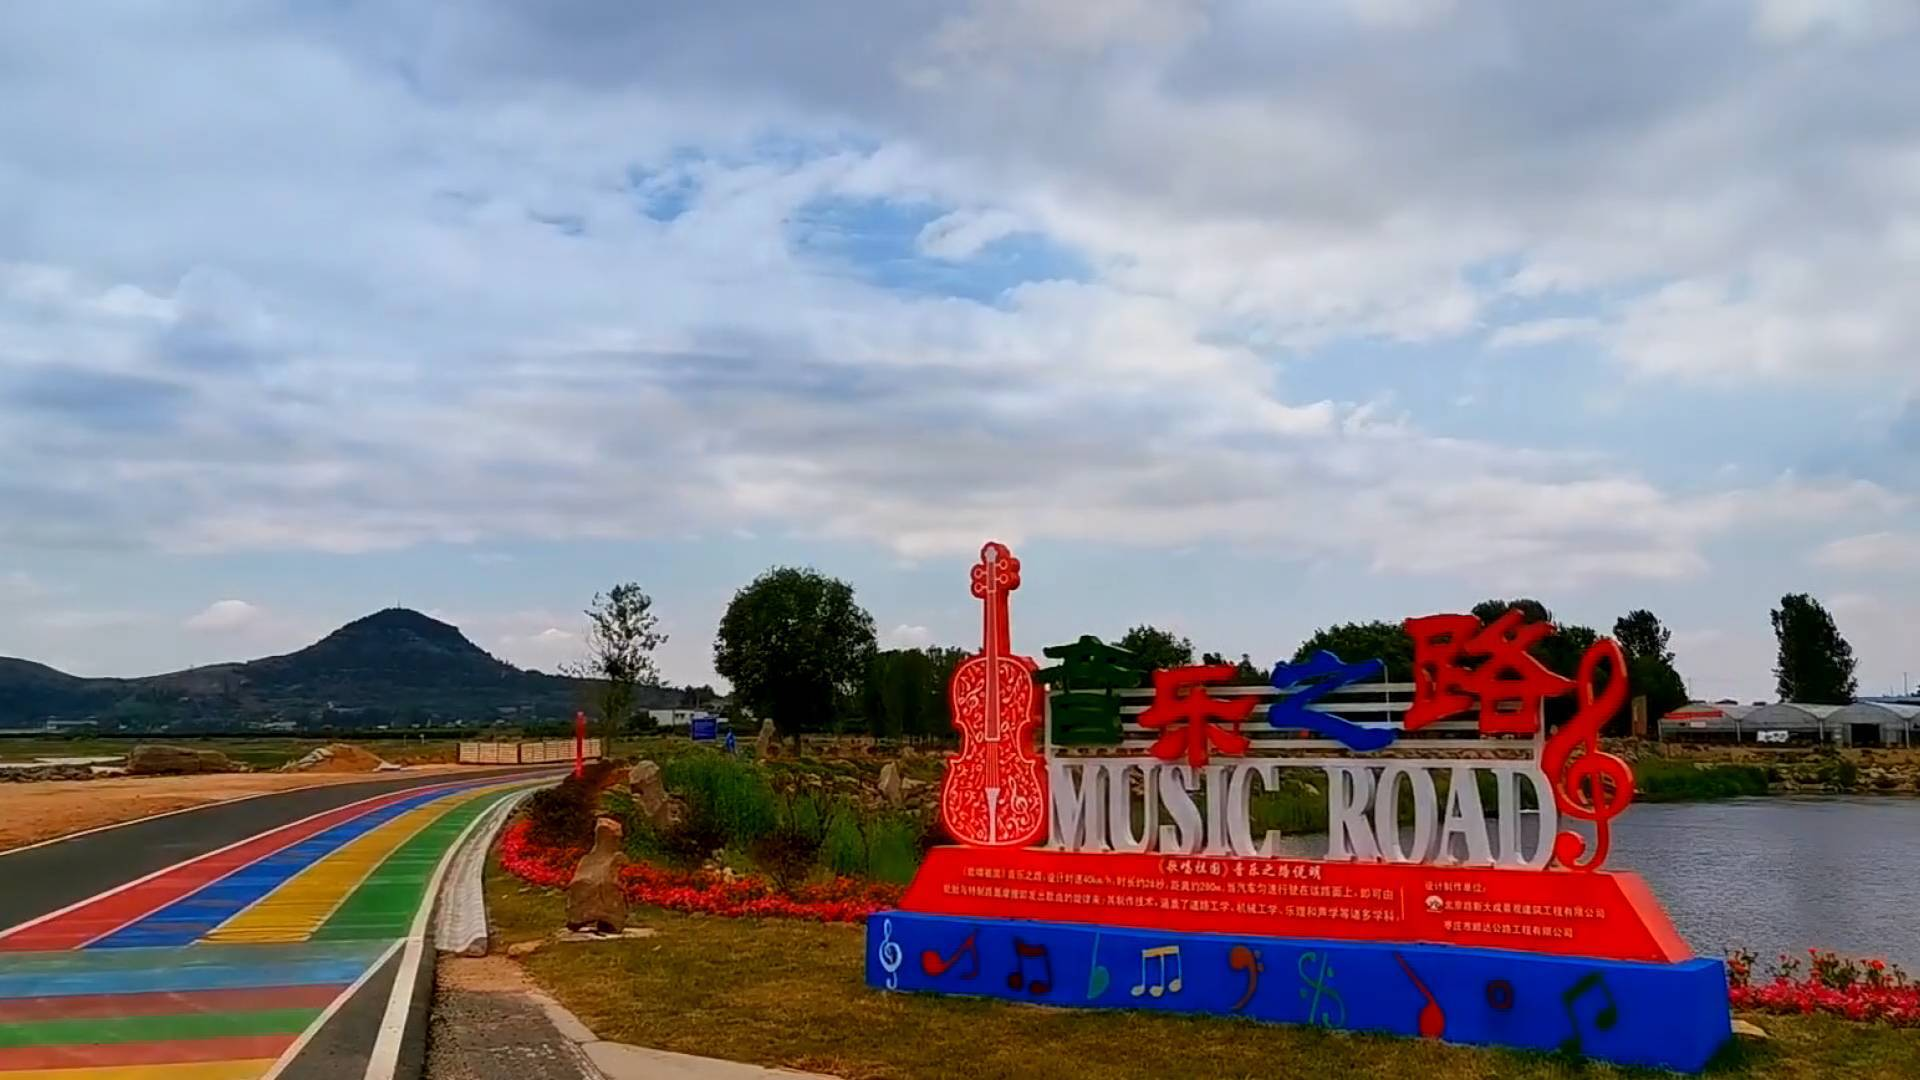 玩遍枣庄|山亭冯卯镇有条会唱歌的音乐公路 车辆驶过会奏响《歌唱祖国》